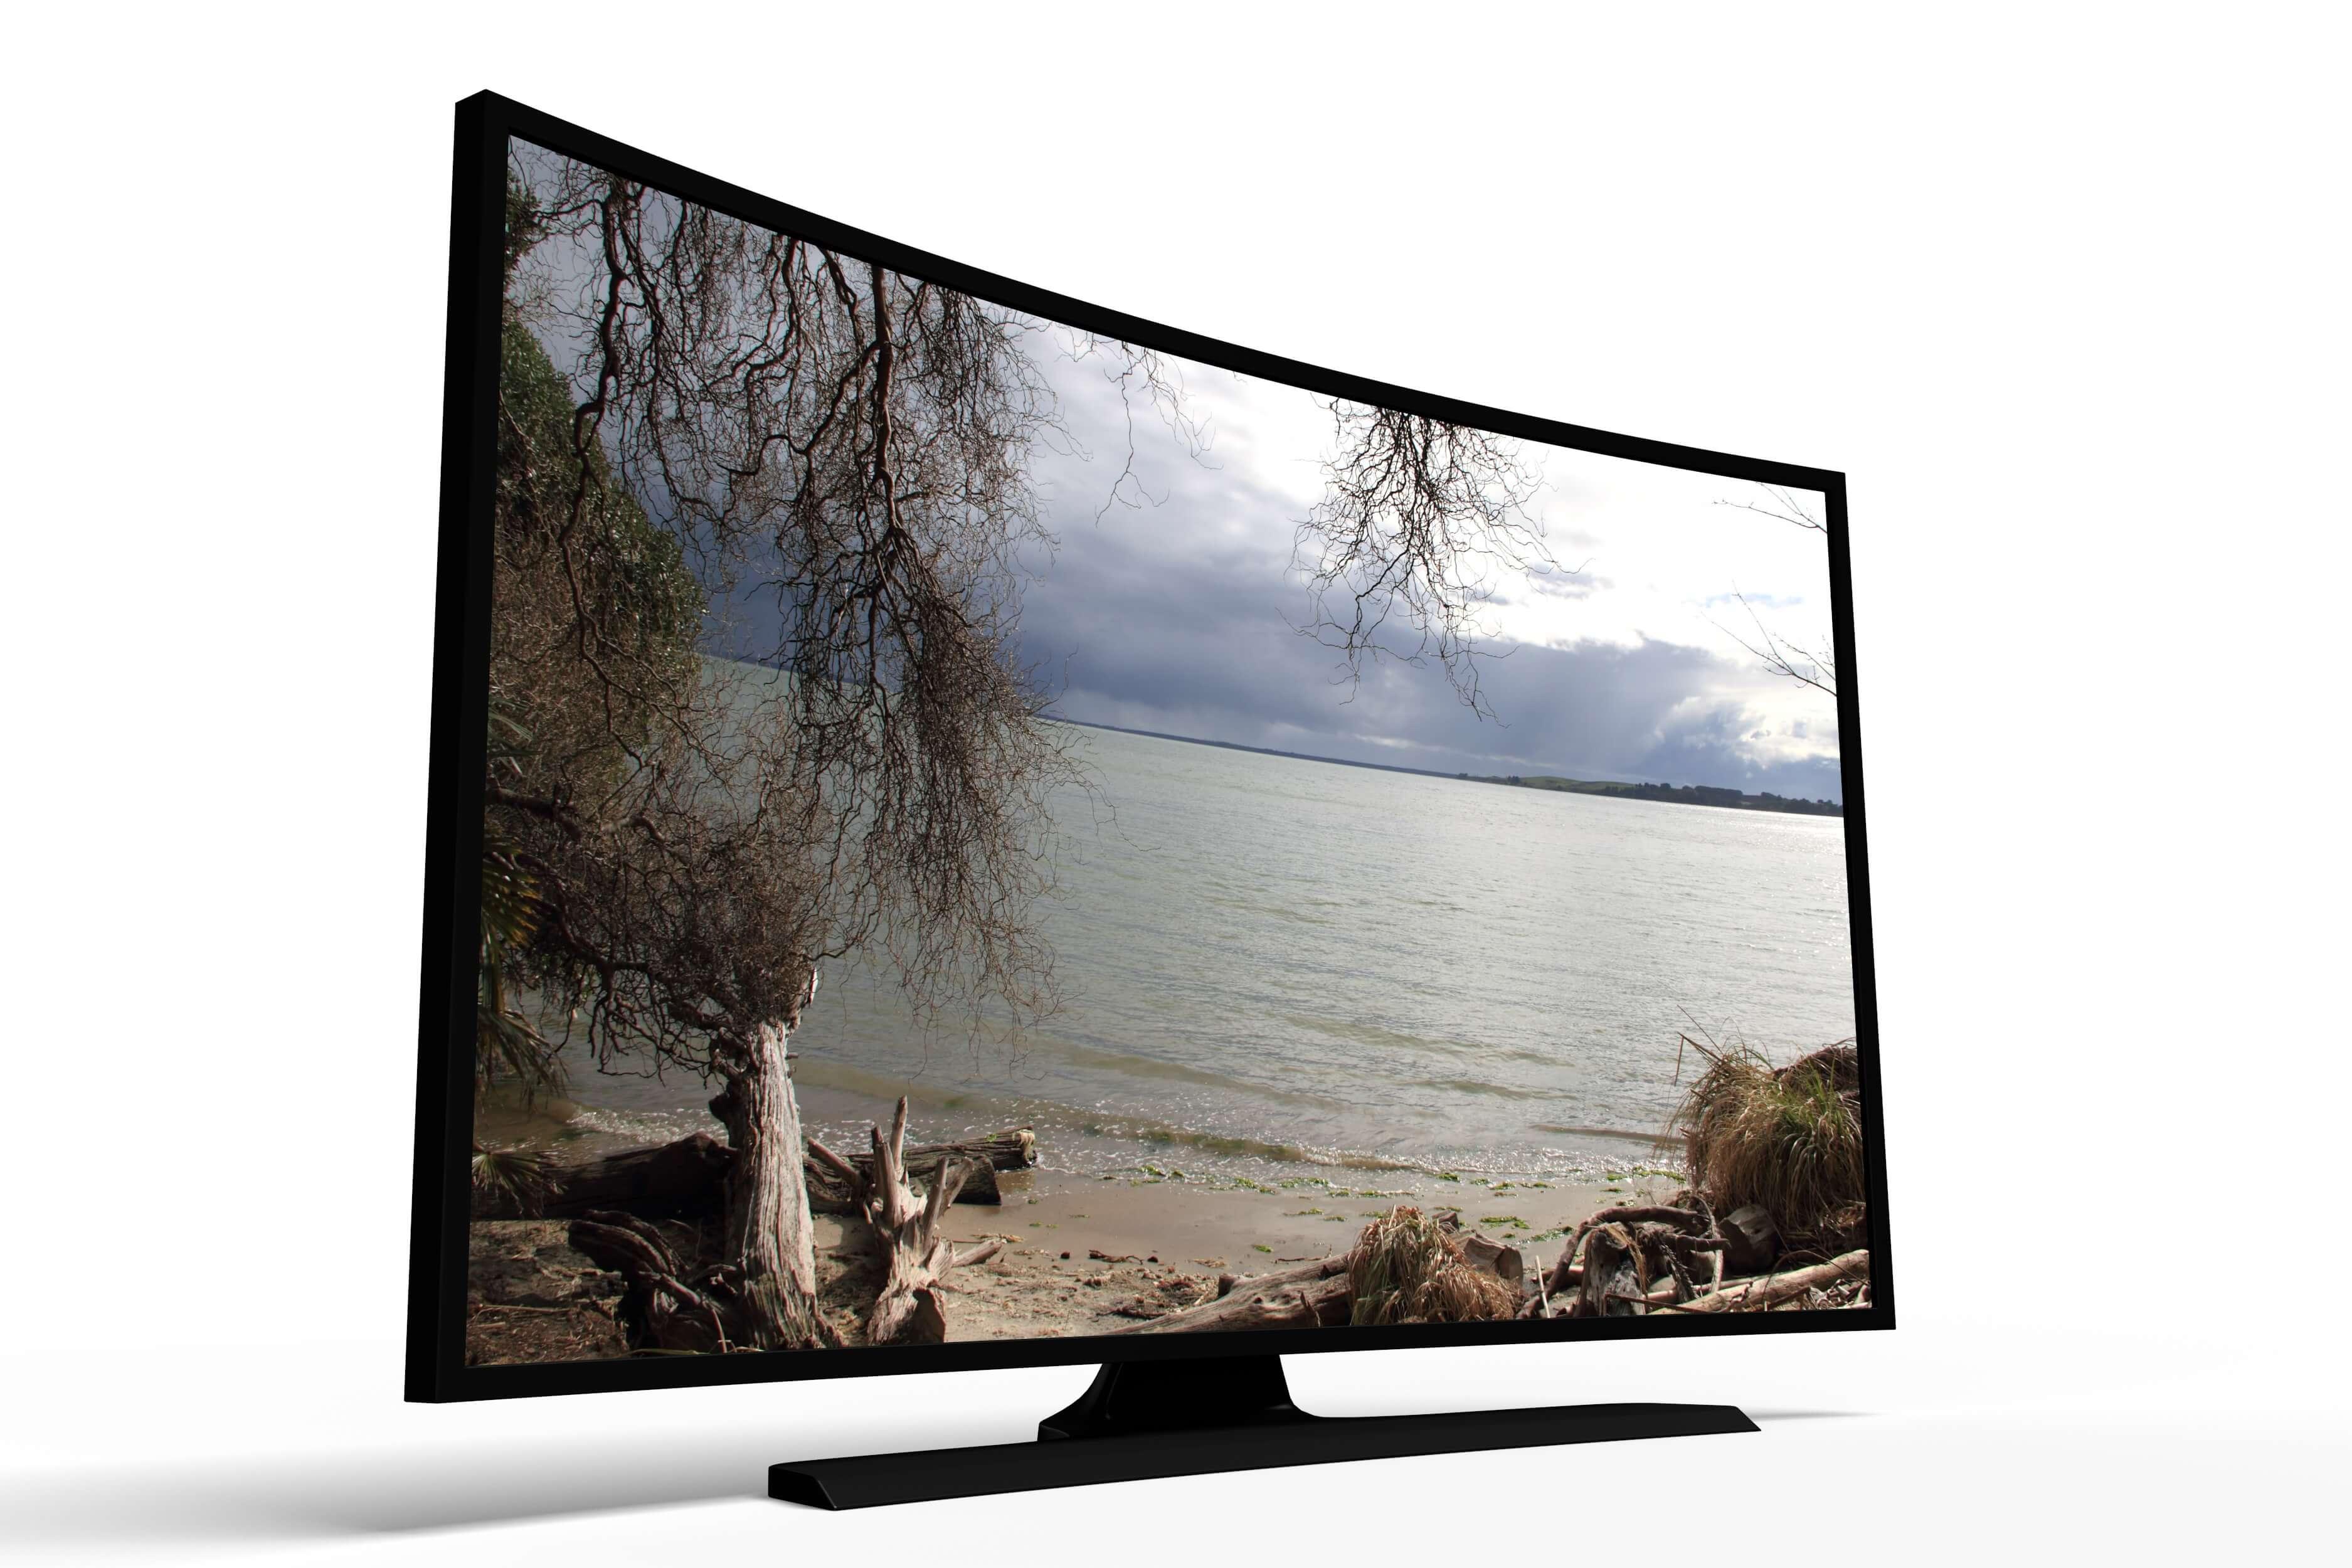 Telewizor 50, 55 cali. Jaki wybrać i kupić? Najlepsze duże telewizory w rankingu 2020!